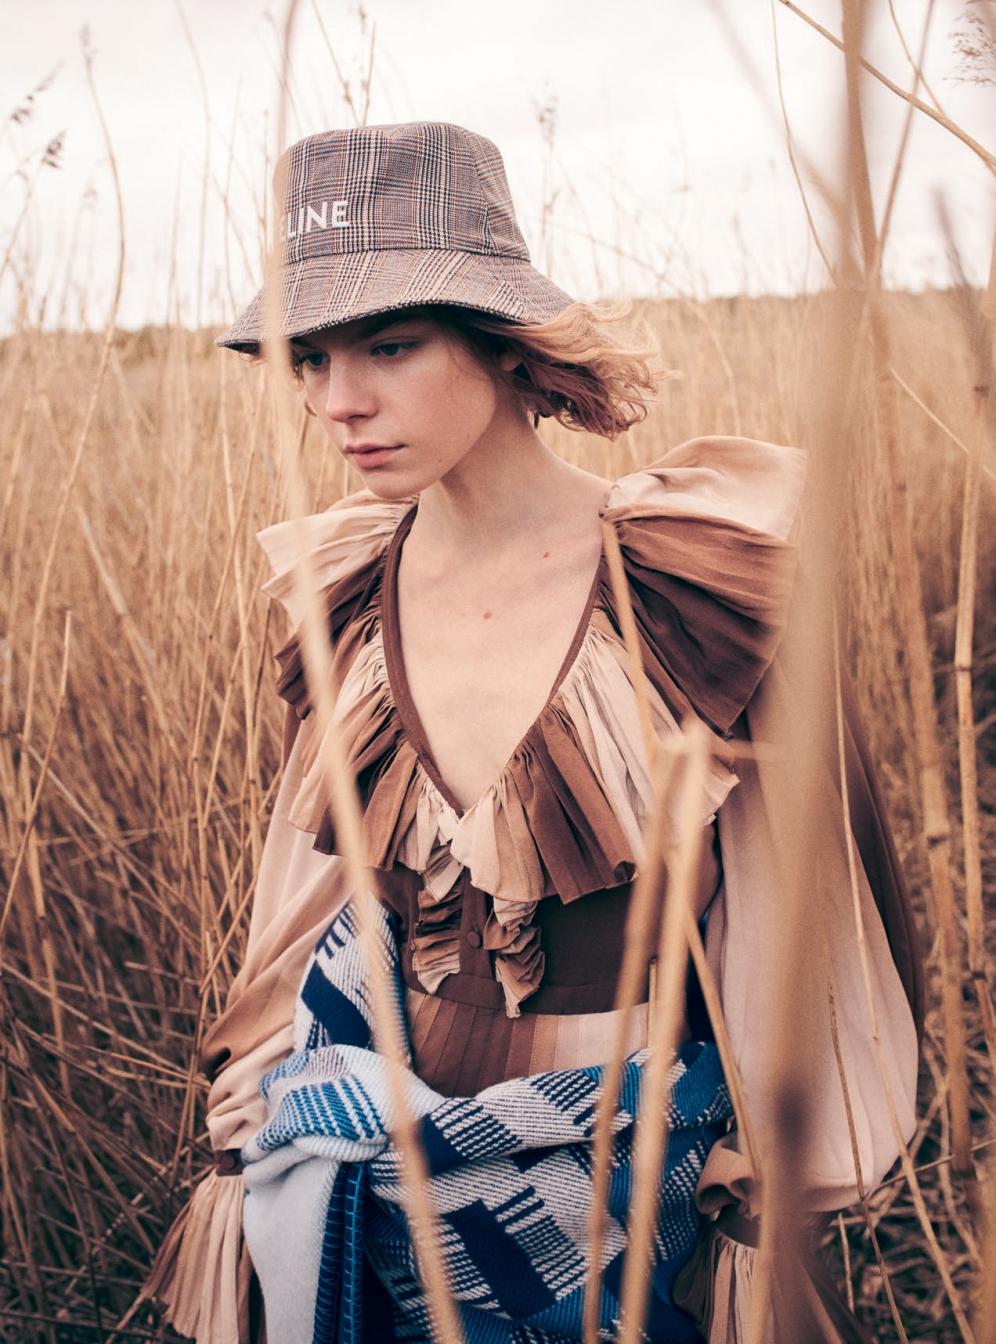 Wild & Free | Harpers Bazaar UK